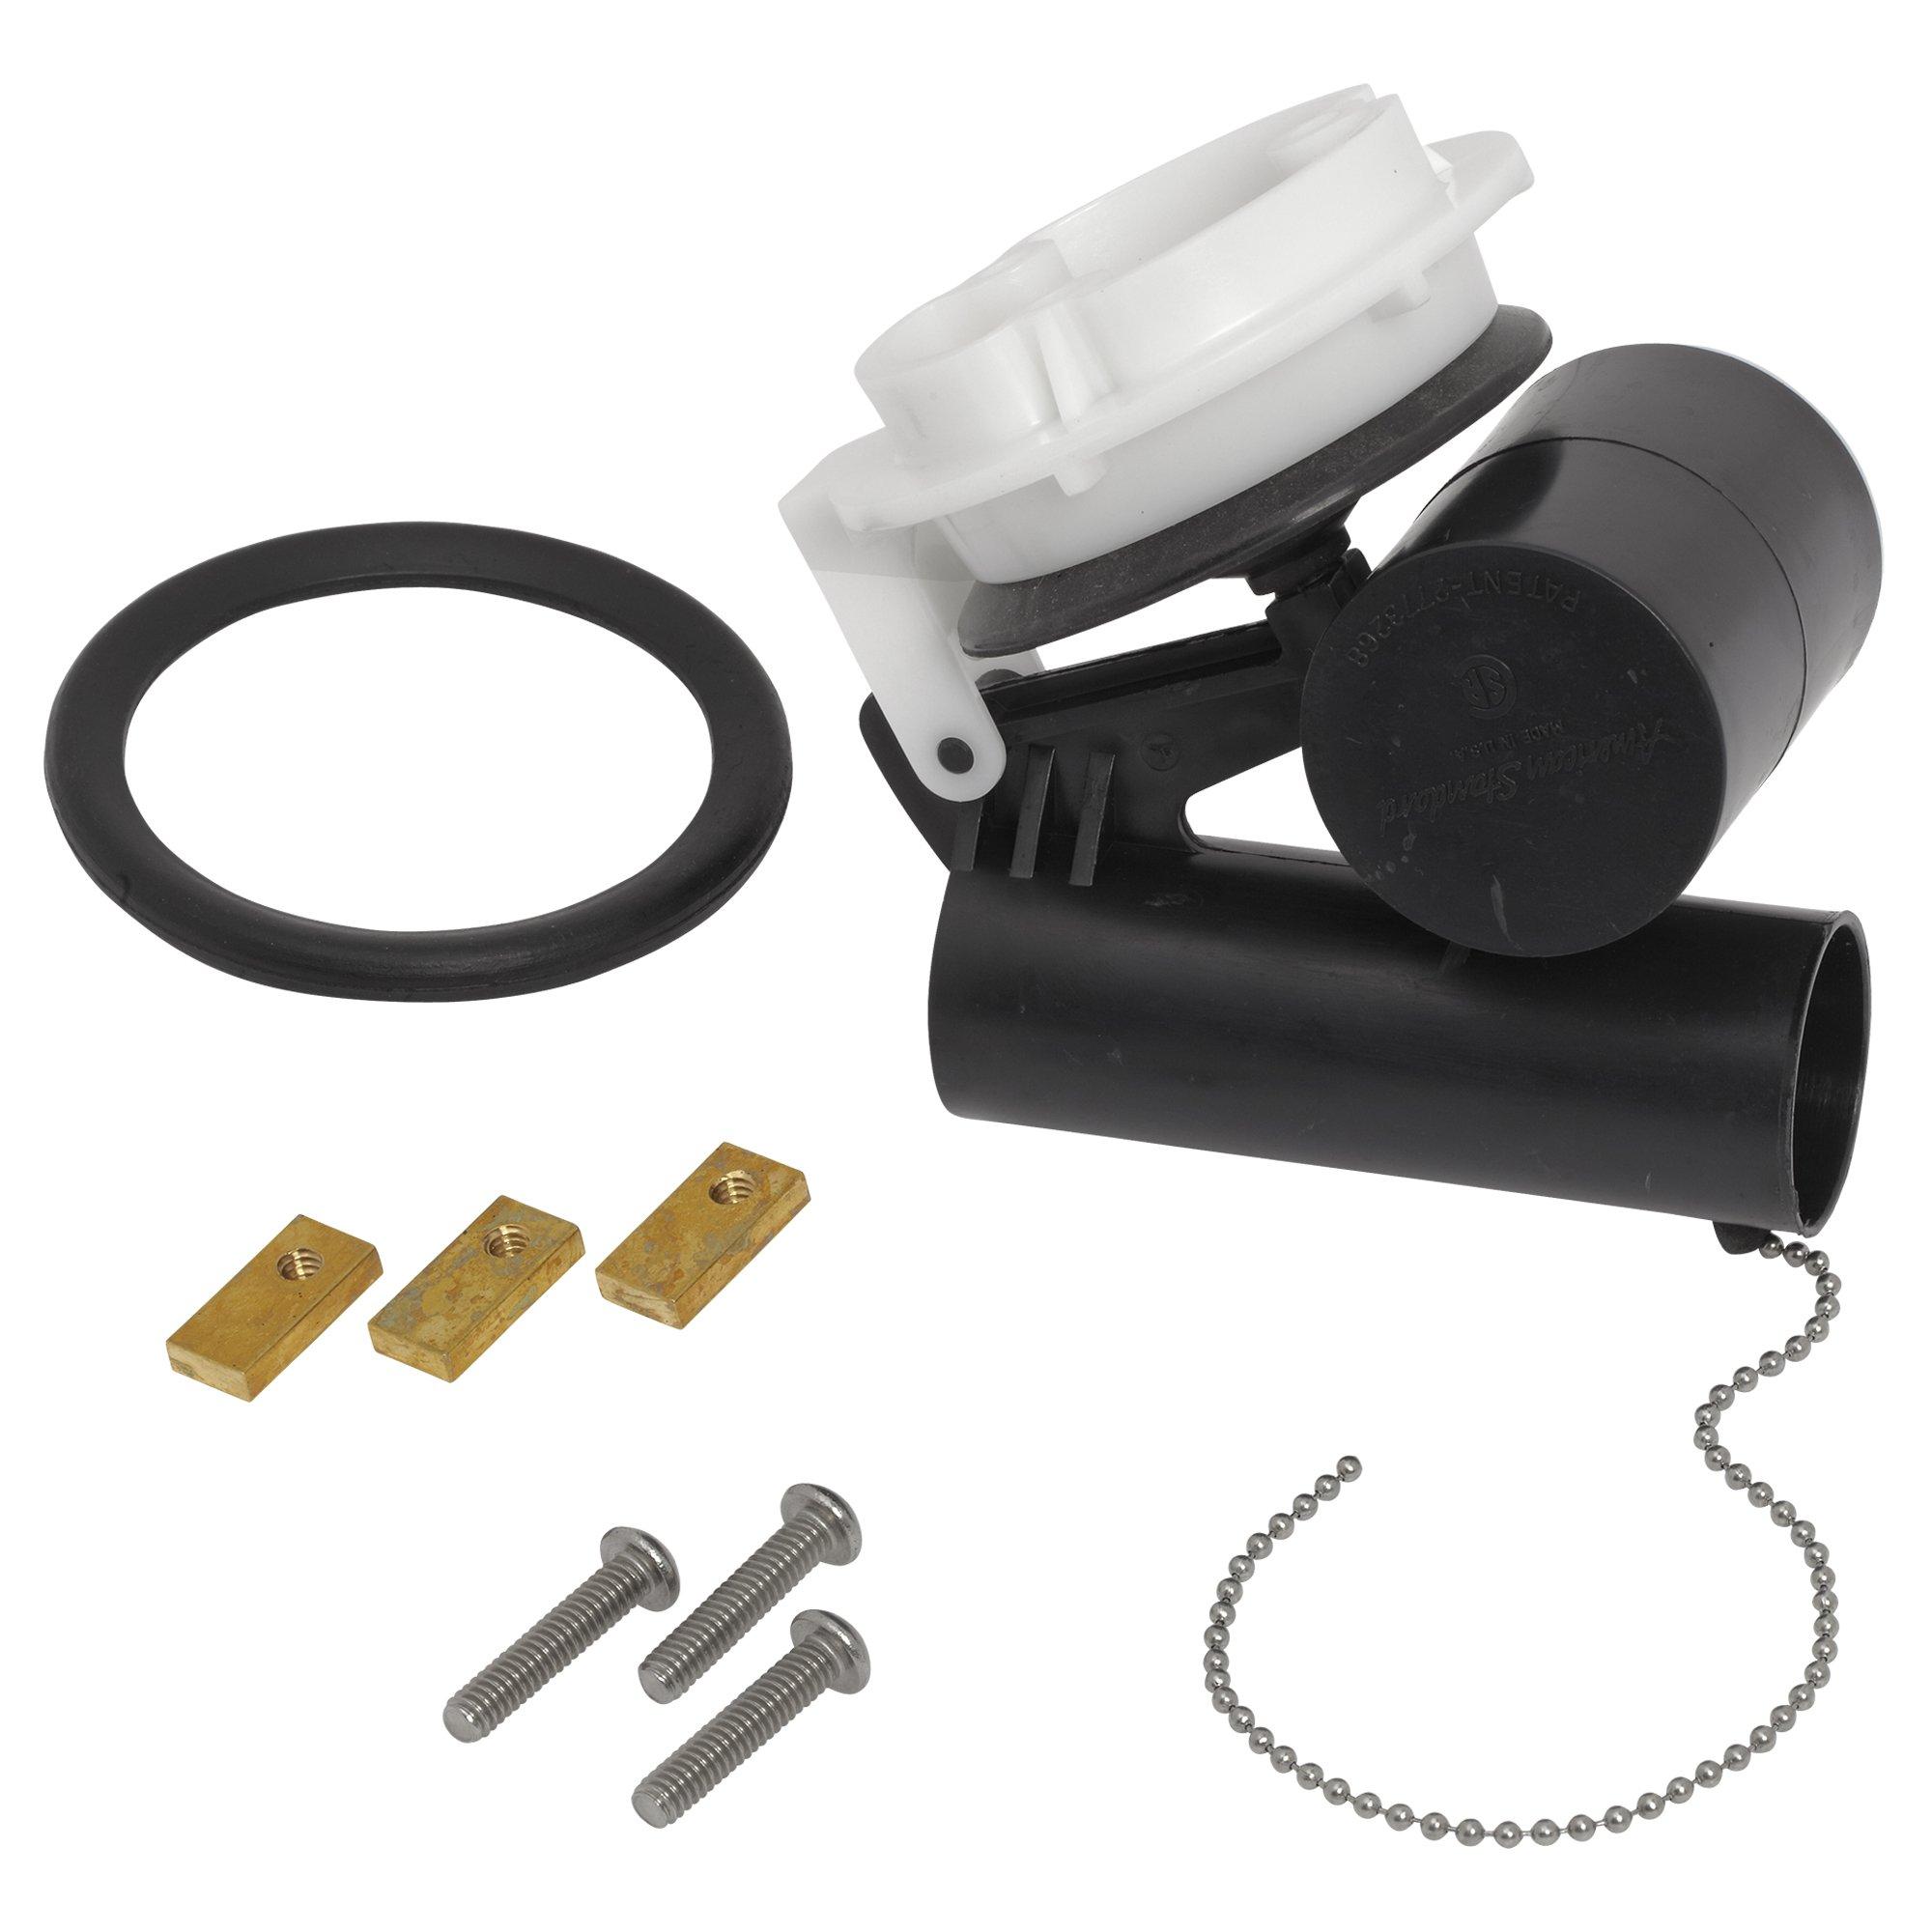 American Standard 047107-0070A Flush Valve Assembly